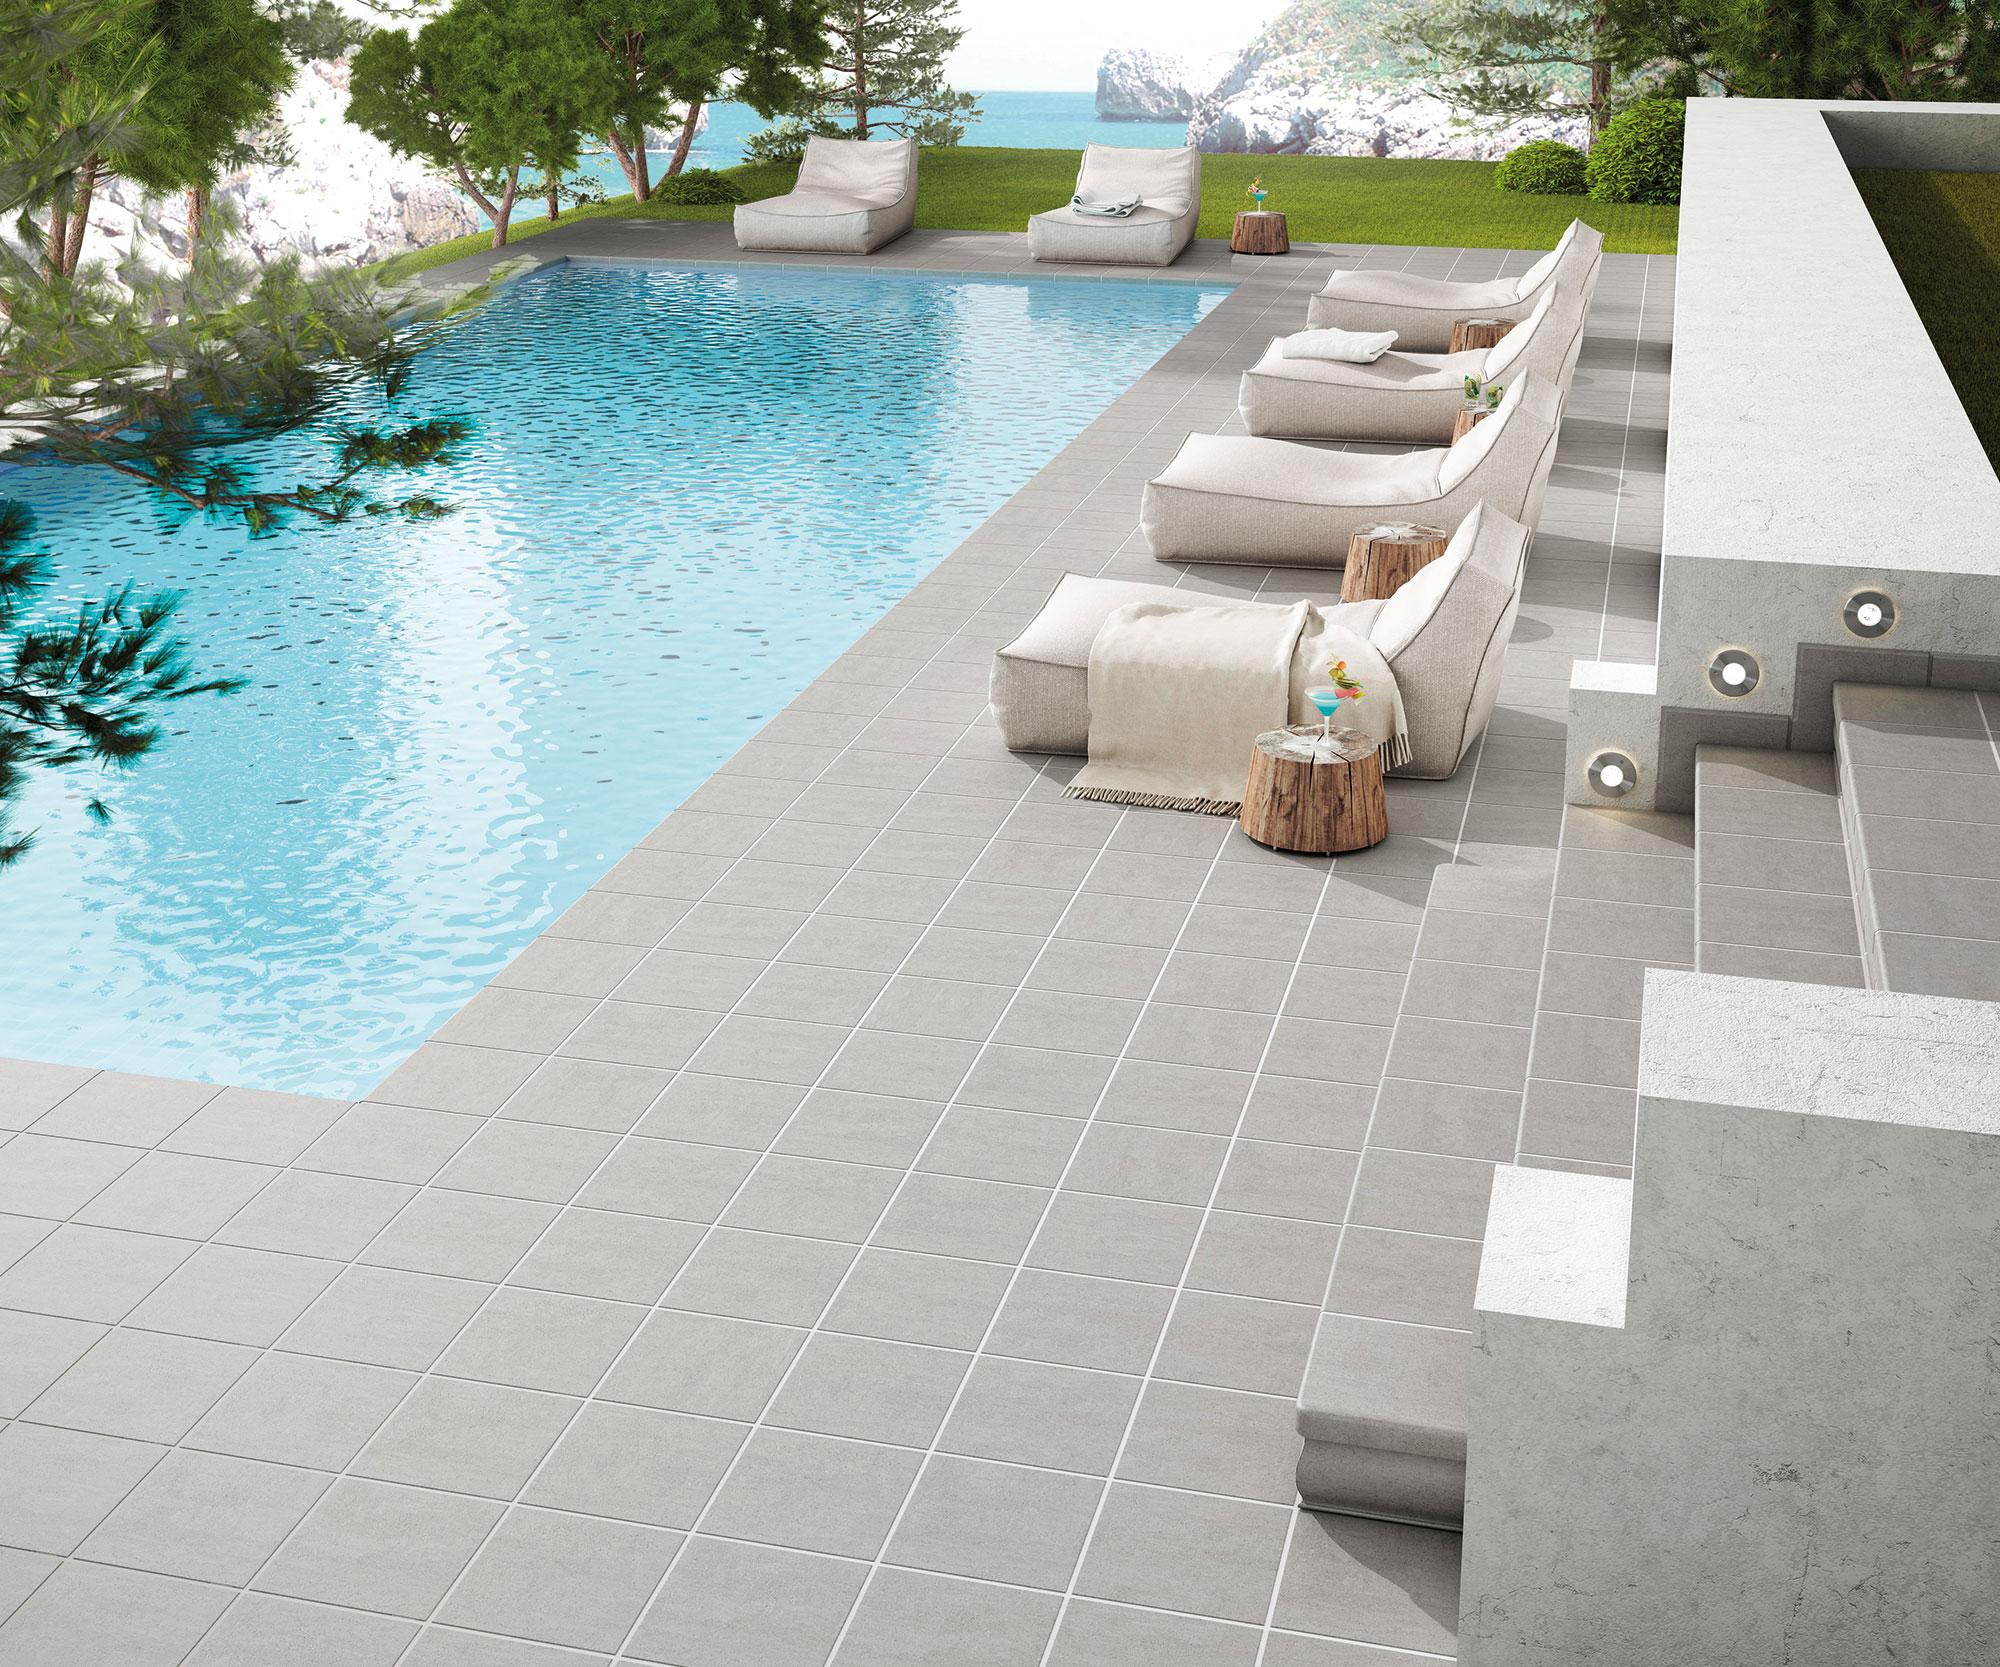 piscina en villa privada con revestimiento ceramico